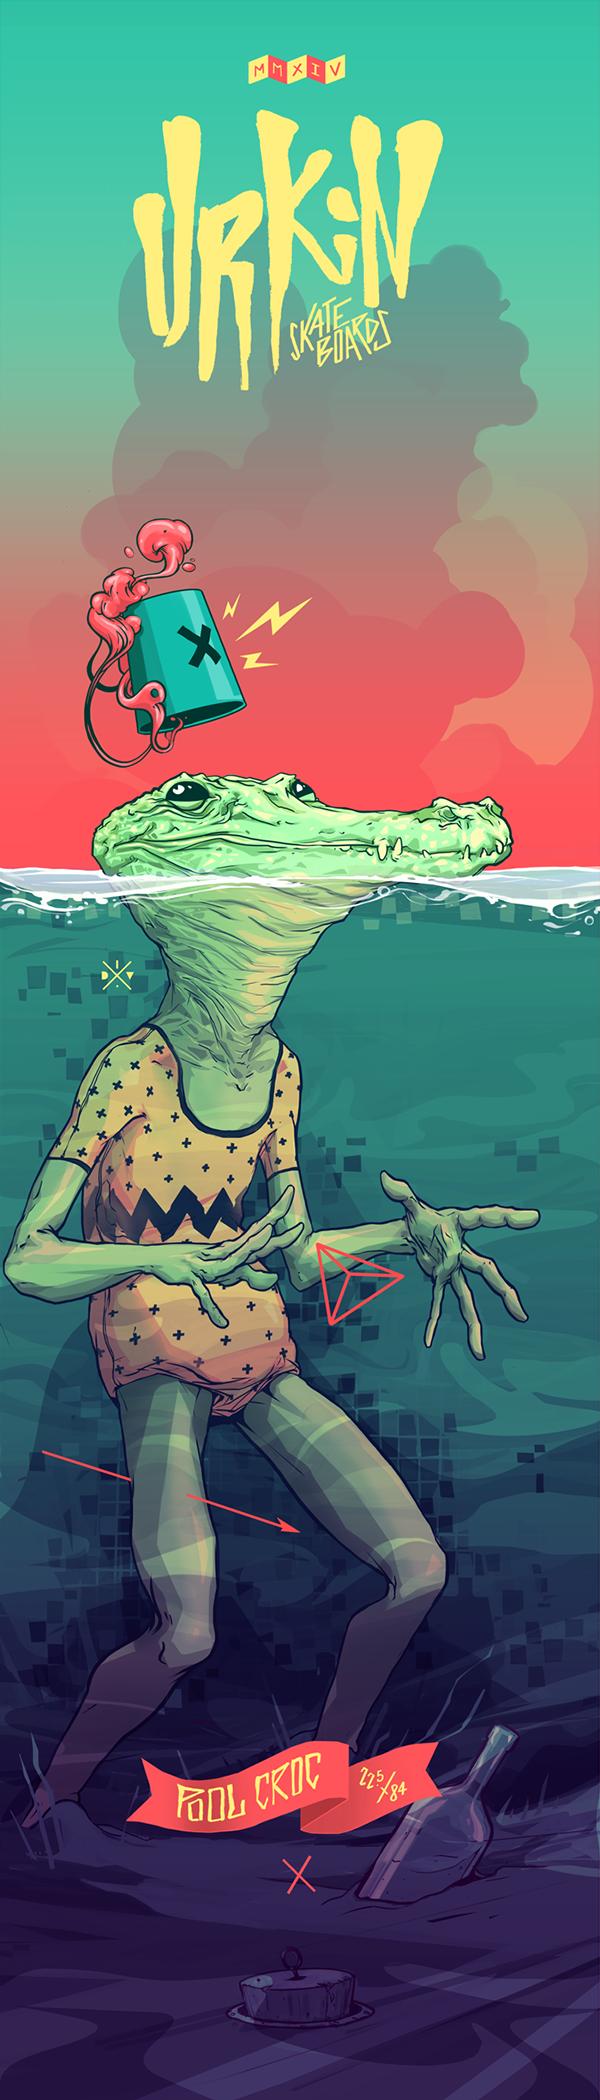 """Un marca páginas así podría enmarcarse jejejeje """"Urkin / Pool Croc ..."""